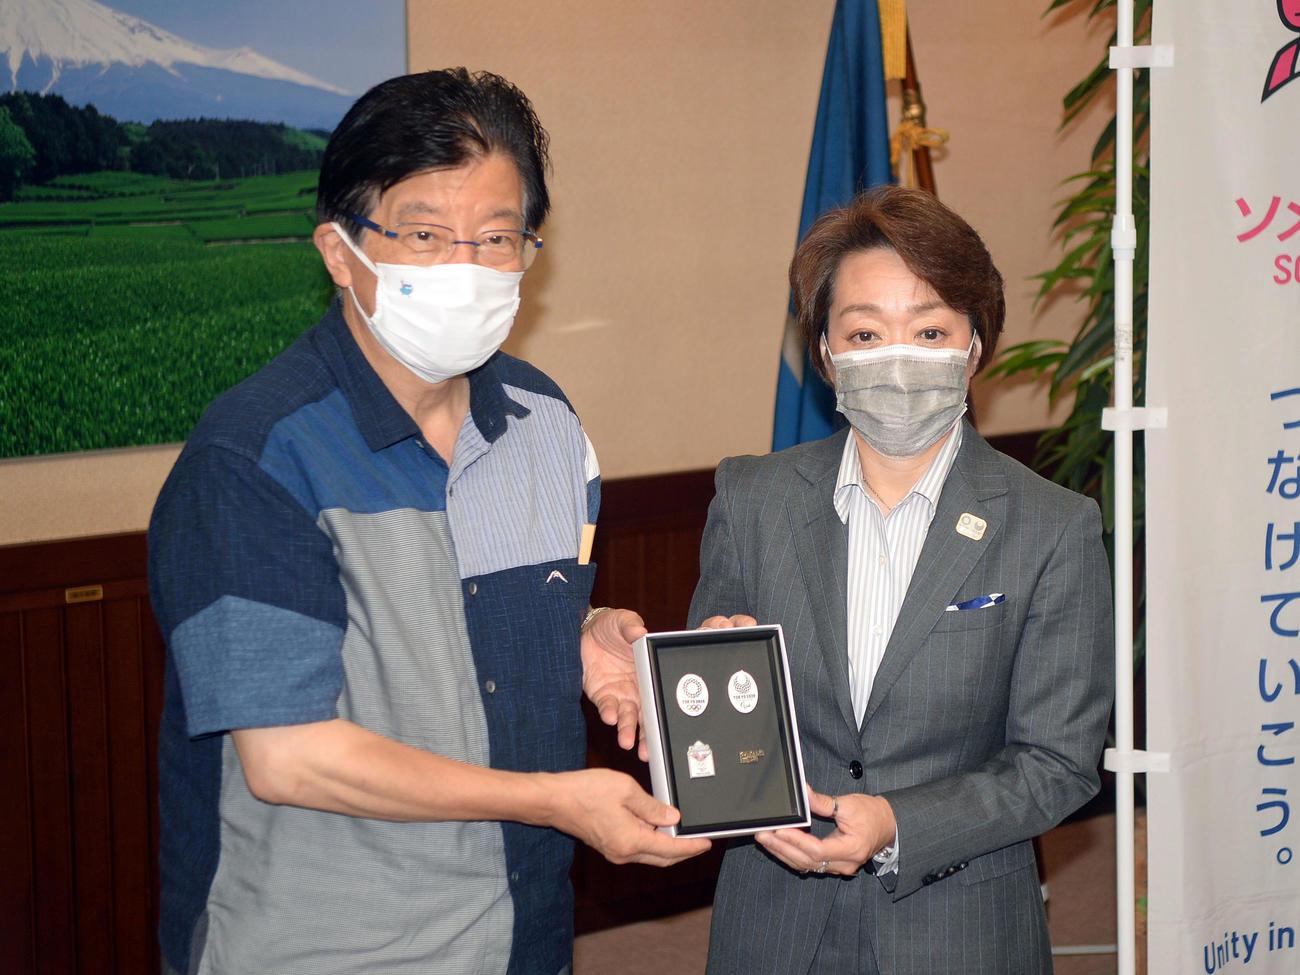 記念品を手に記念撮影する東京五輪・パラリンピック組織委員会の橋本会長(右)と静岡県の川勝知事